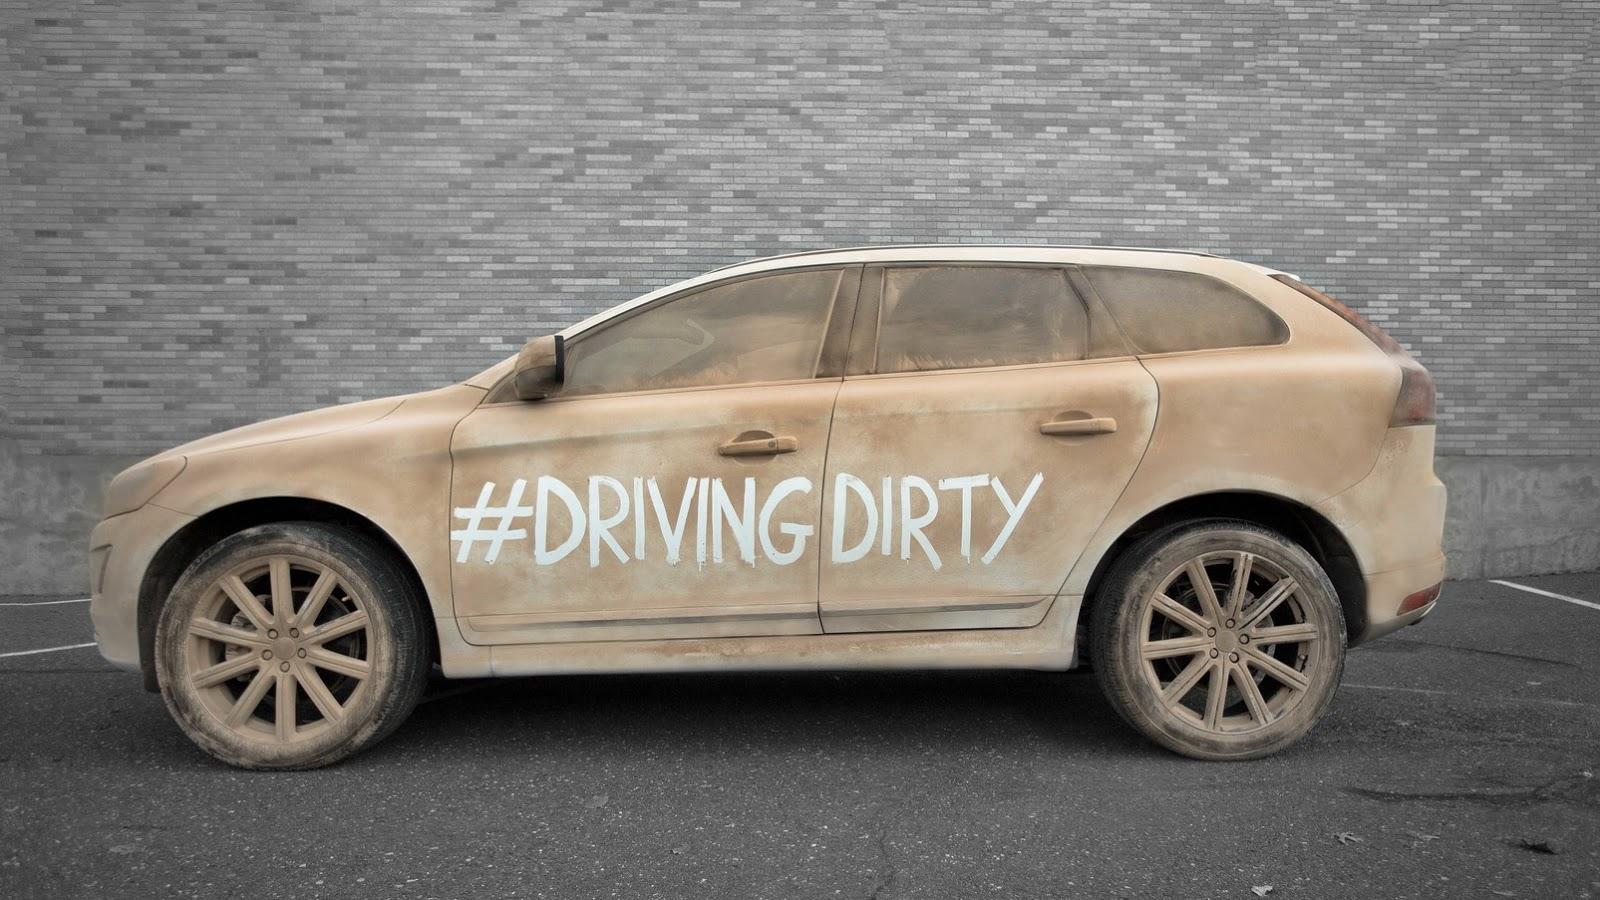 """Résultat de recherche d'images pour """"dirty car"""""""